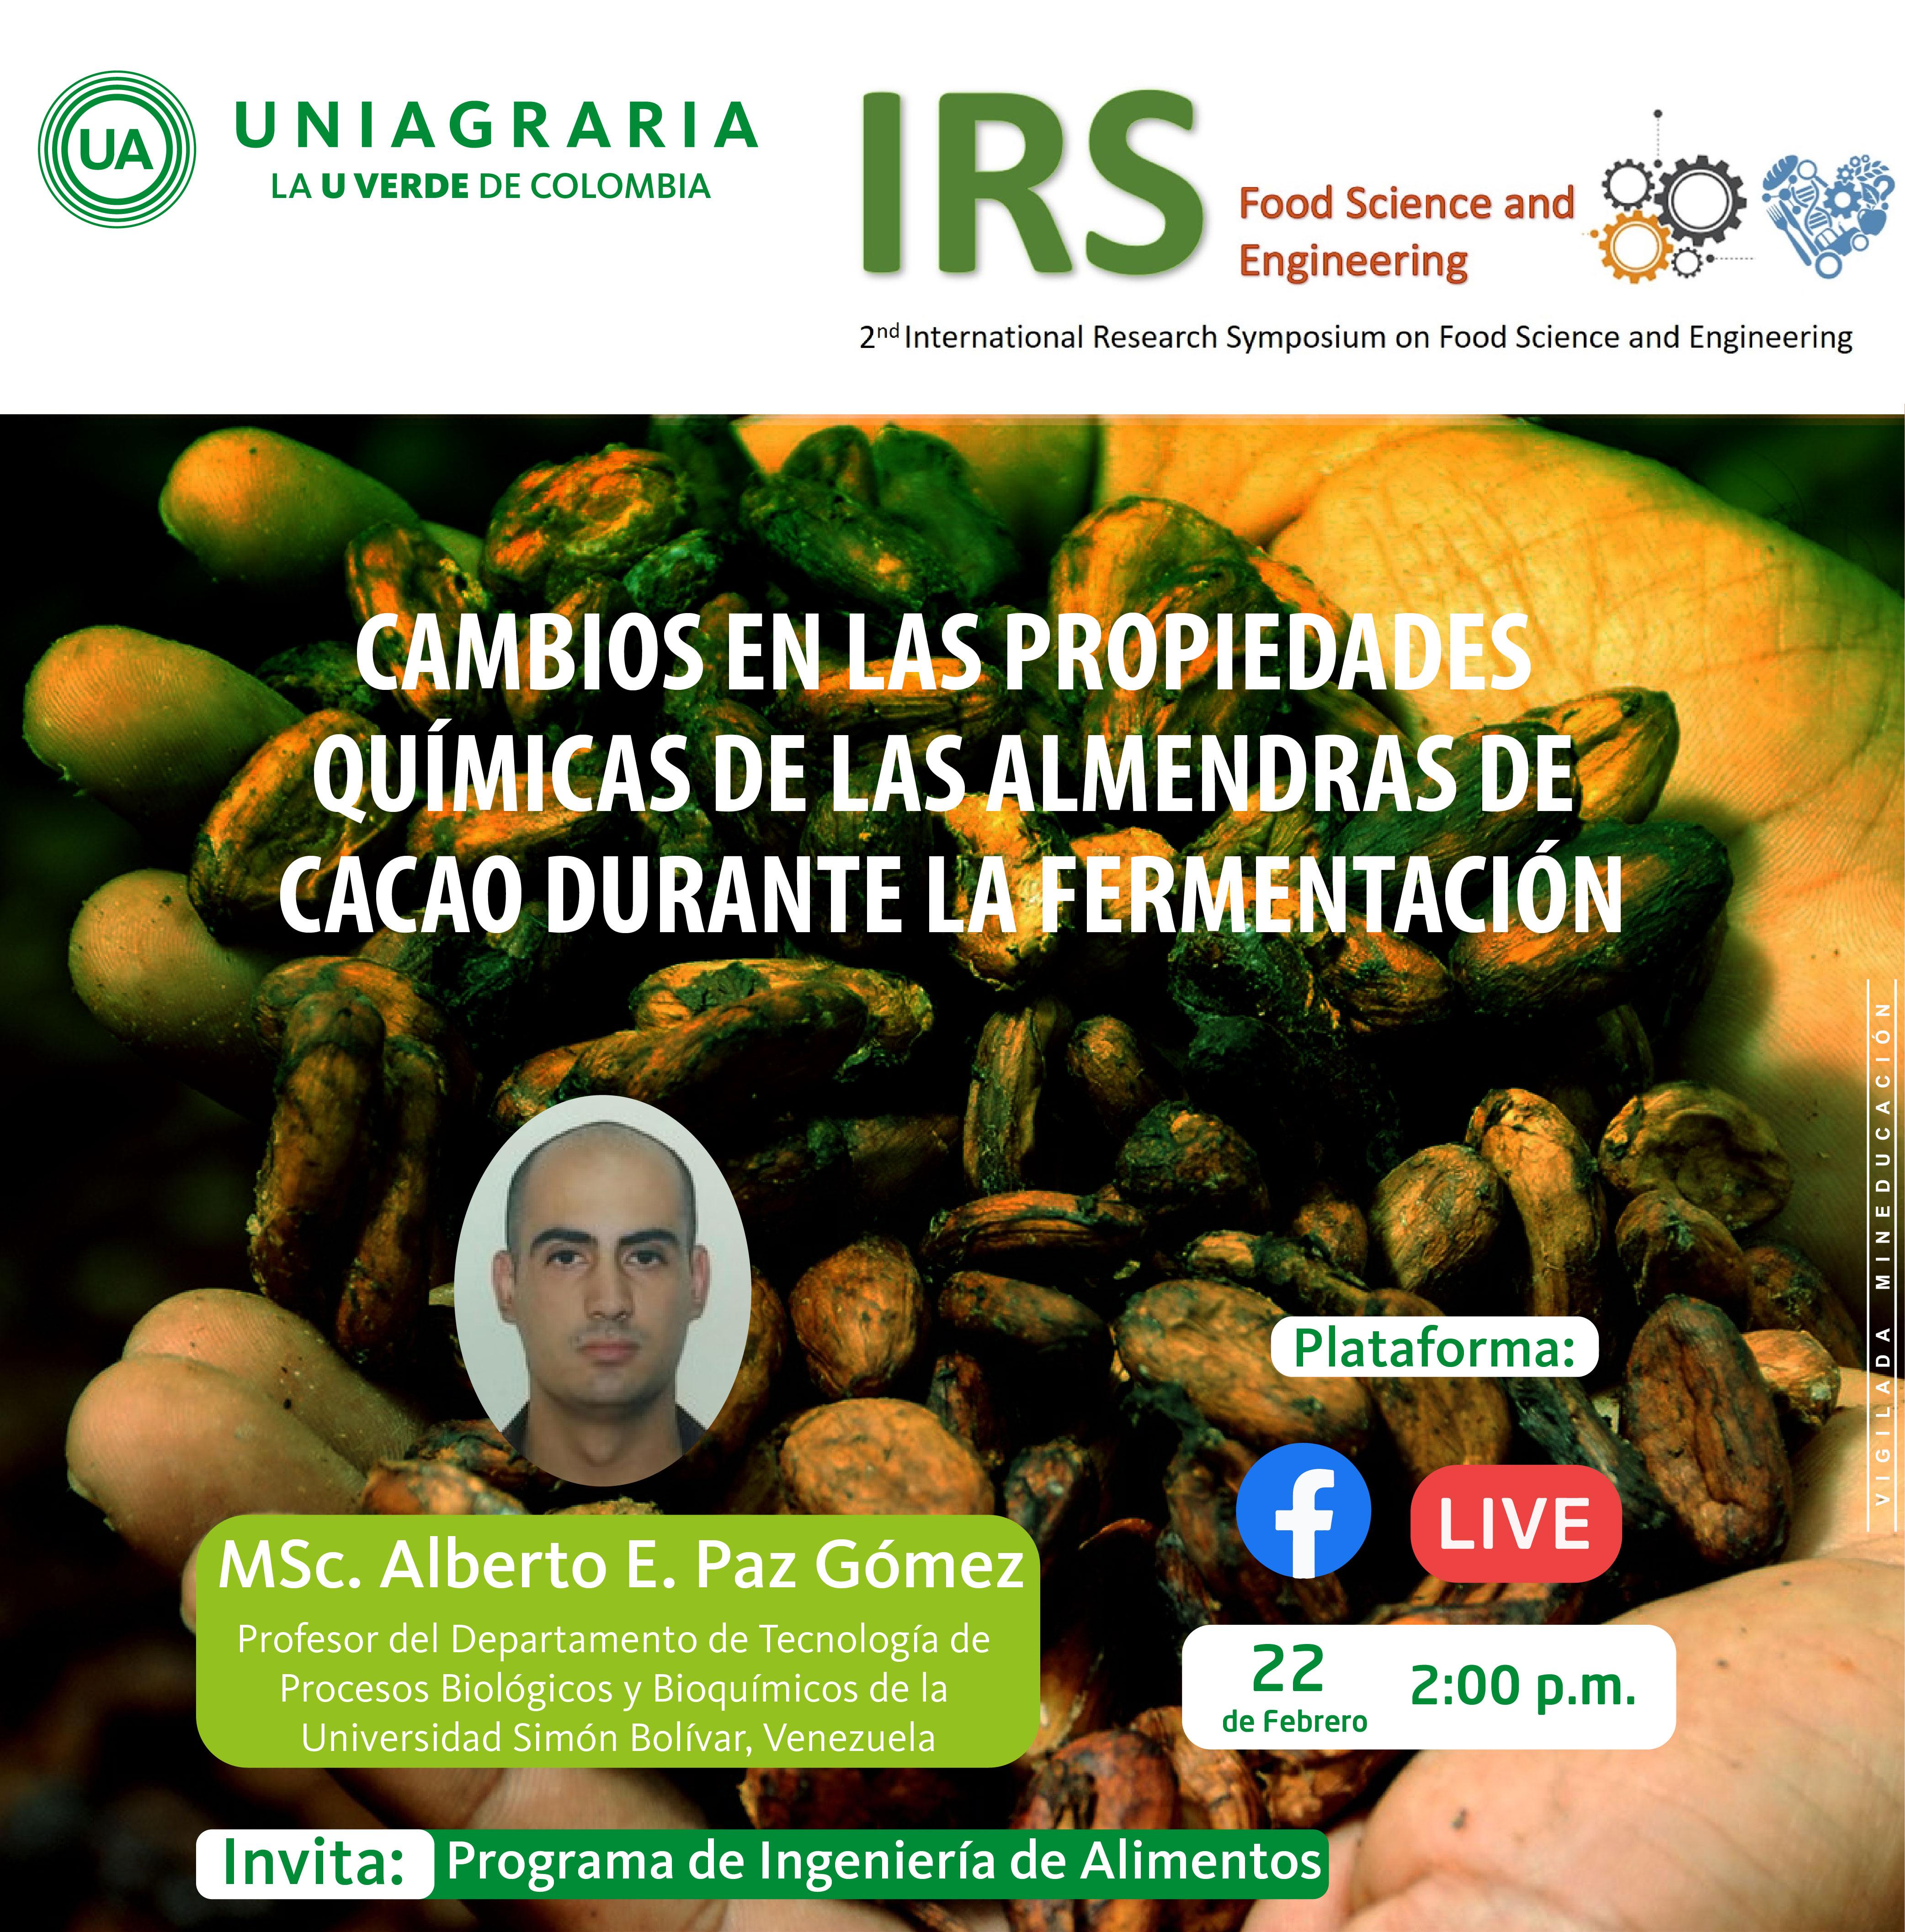 Cambios en las propiedades químicas de las almendras de cacao durante la fermentación